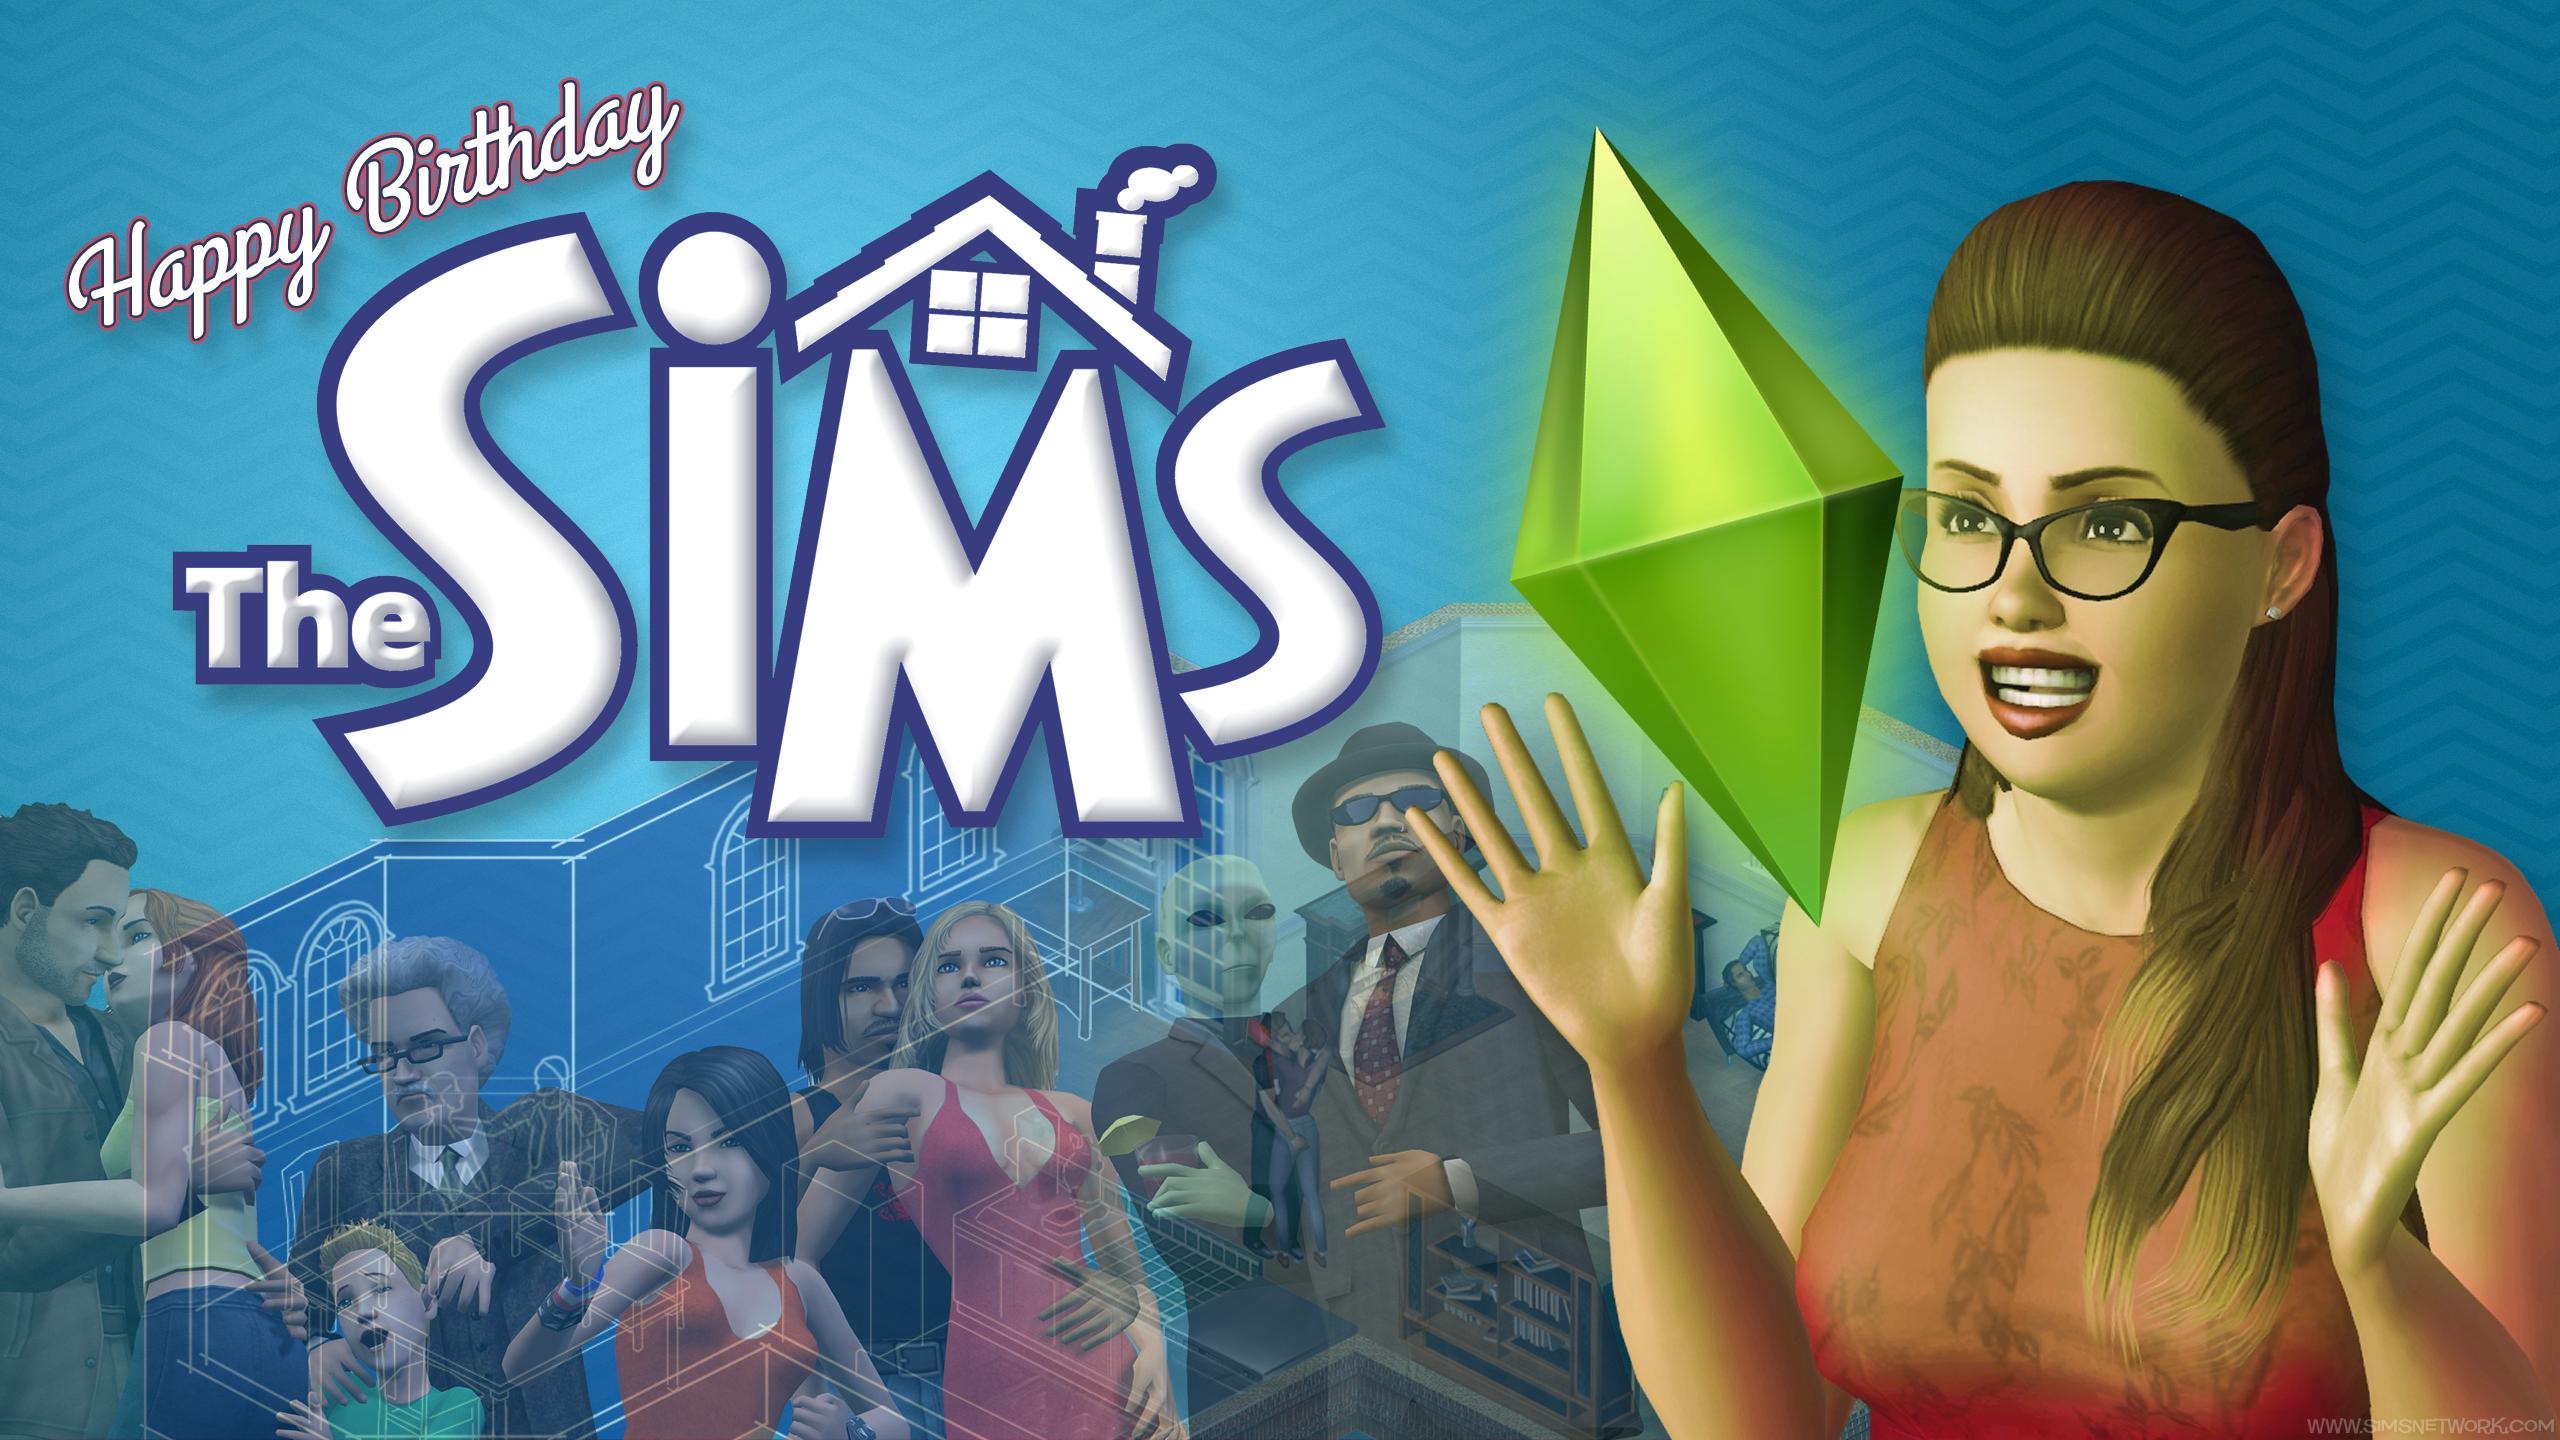 De Sims Verjaardag Wallpapers Snw Simsnetwerk Com